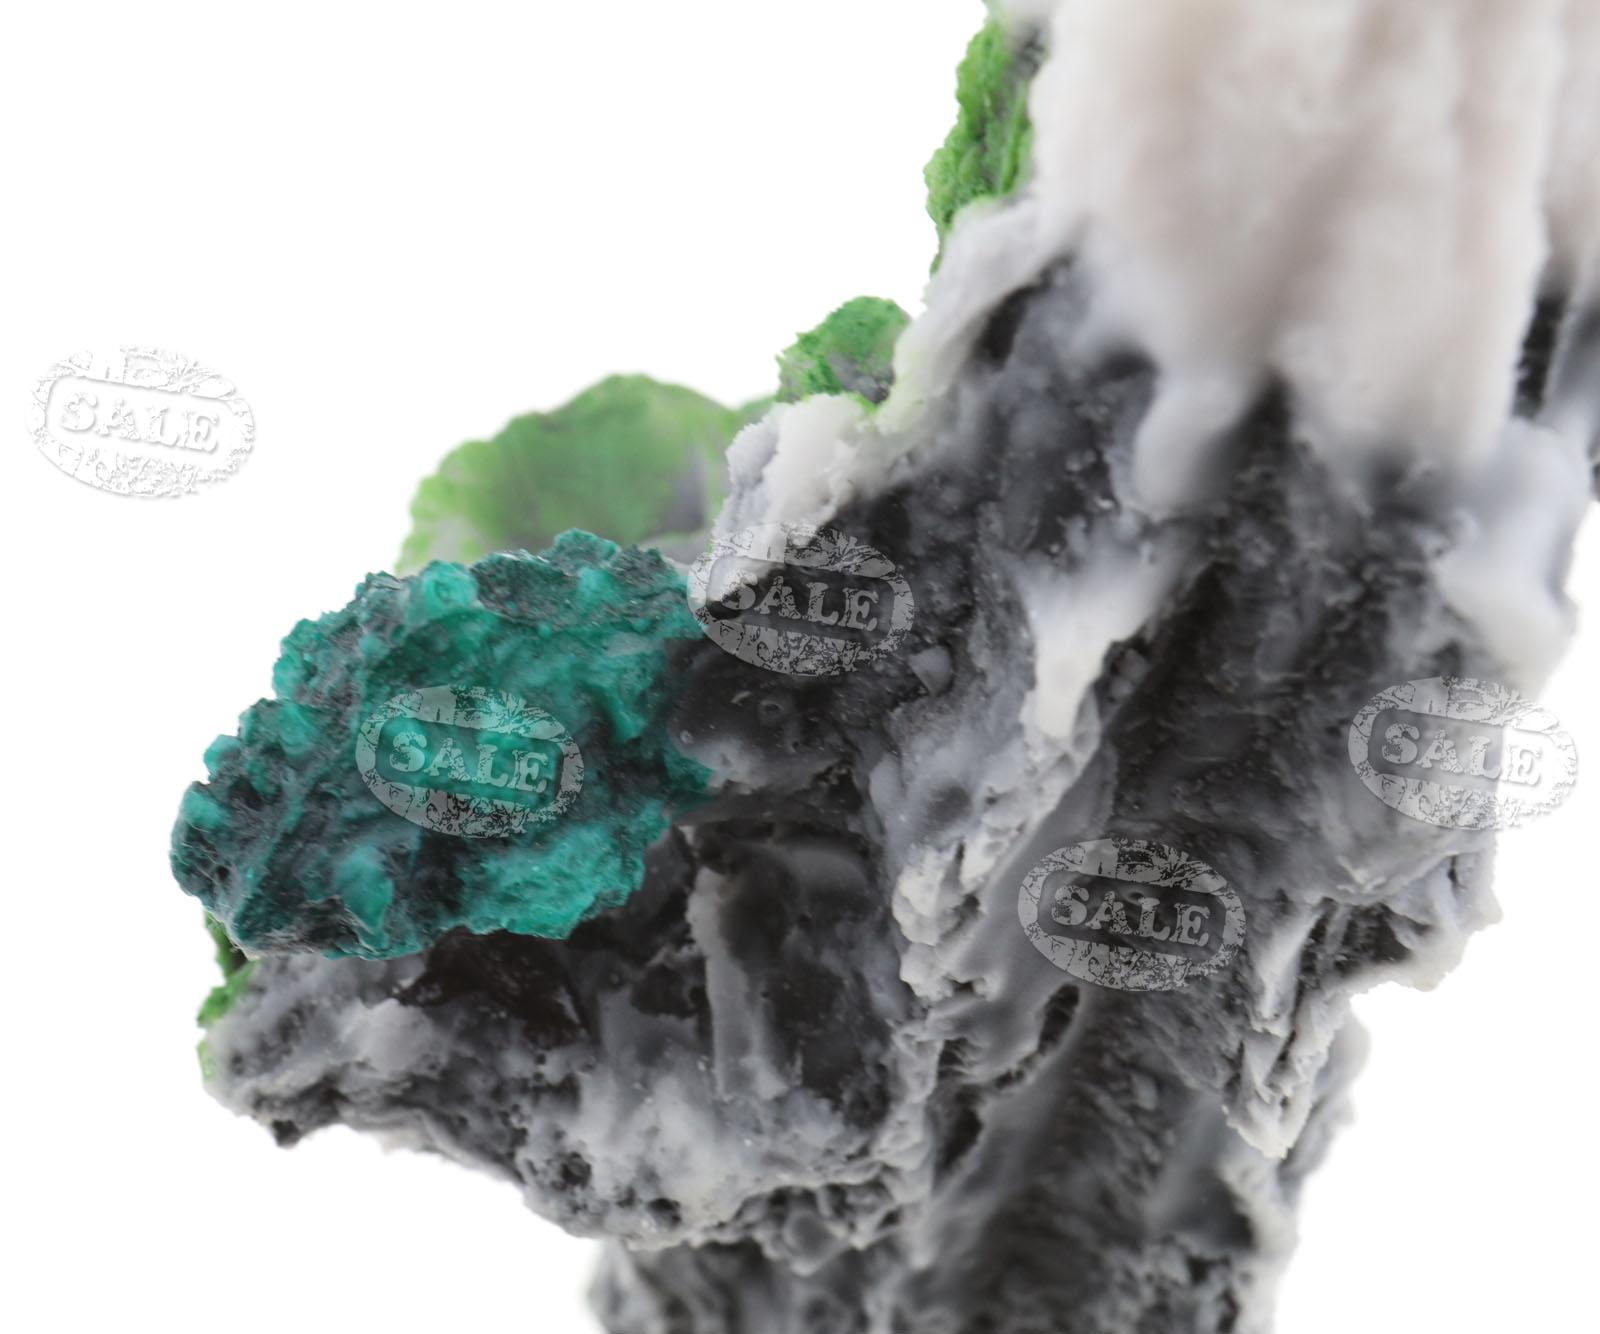 Acuario Peces Tanque Ornamento rocosa Cueva Submarina Decoración Paisaje Decoración Ocultación